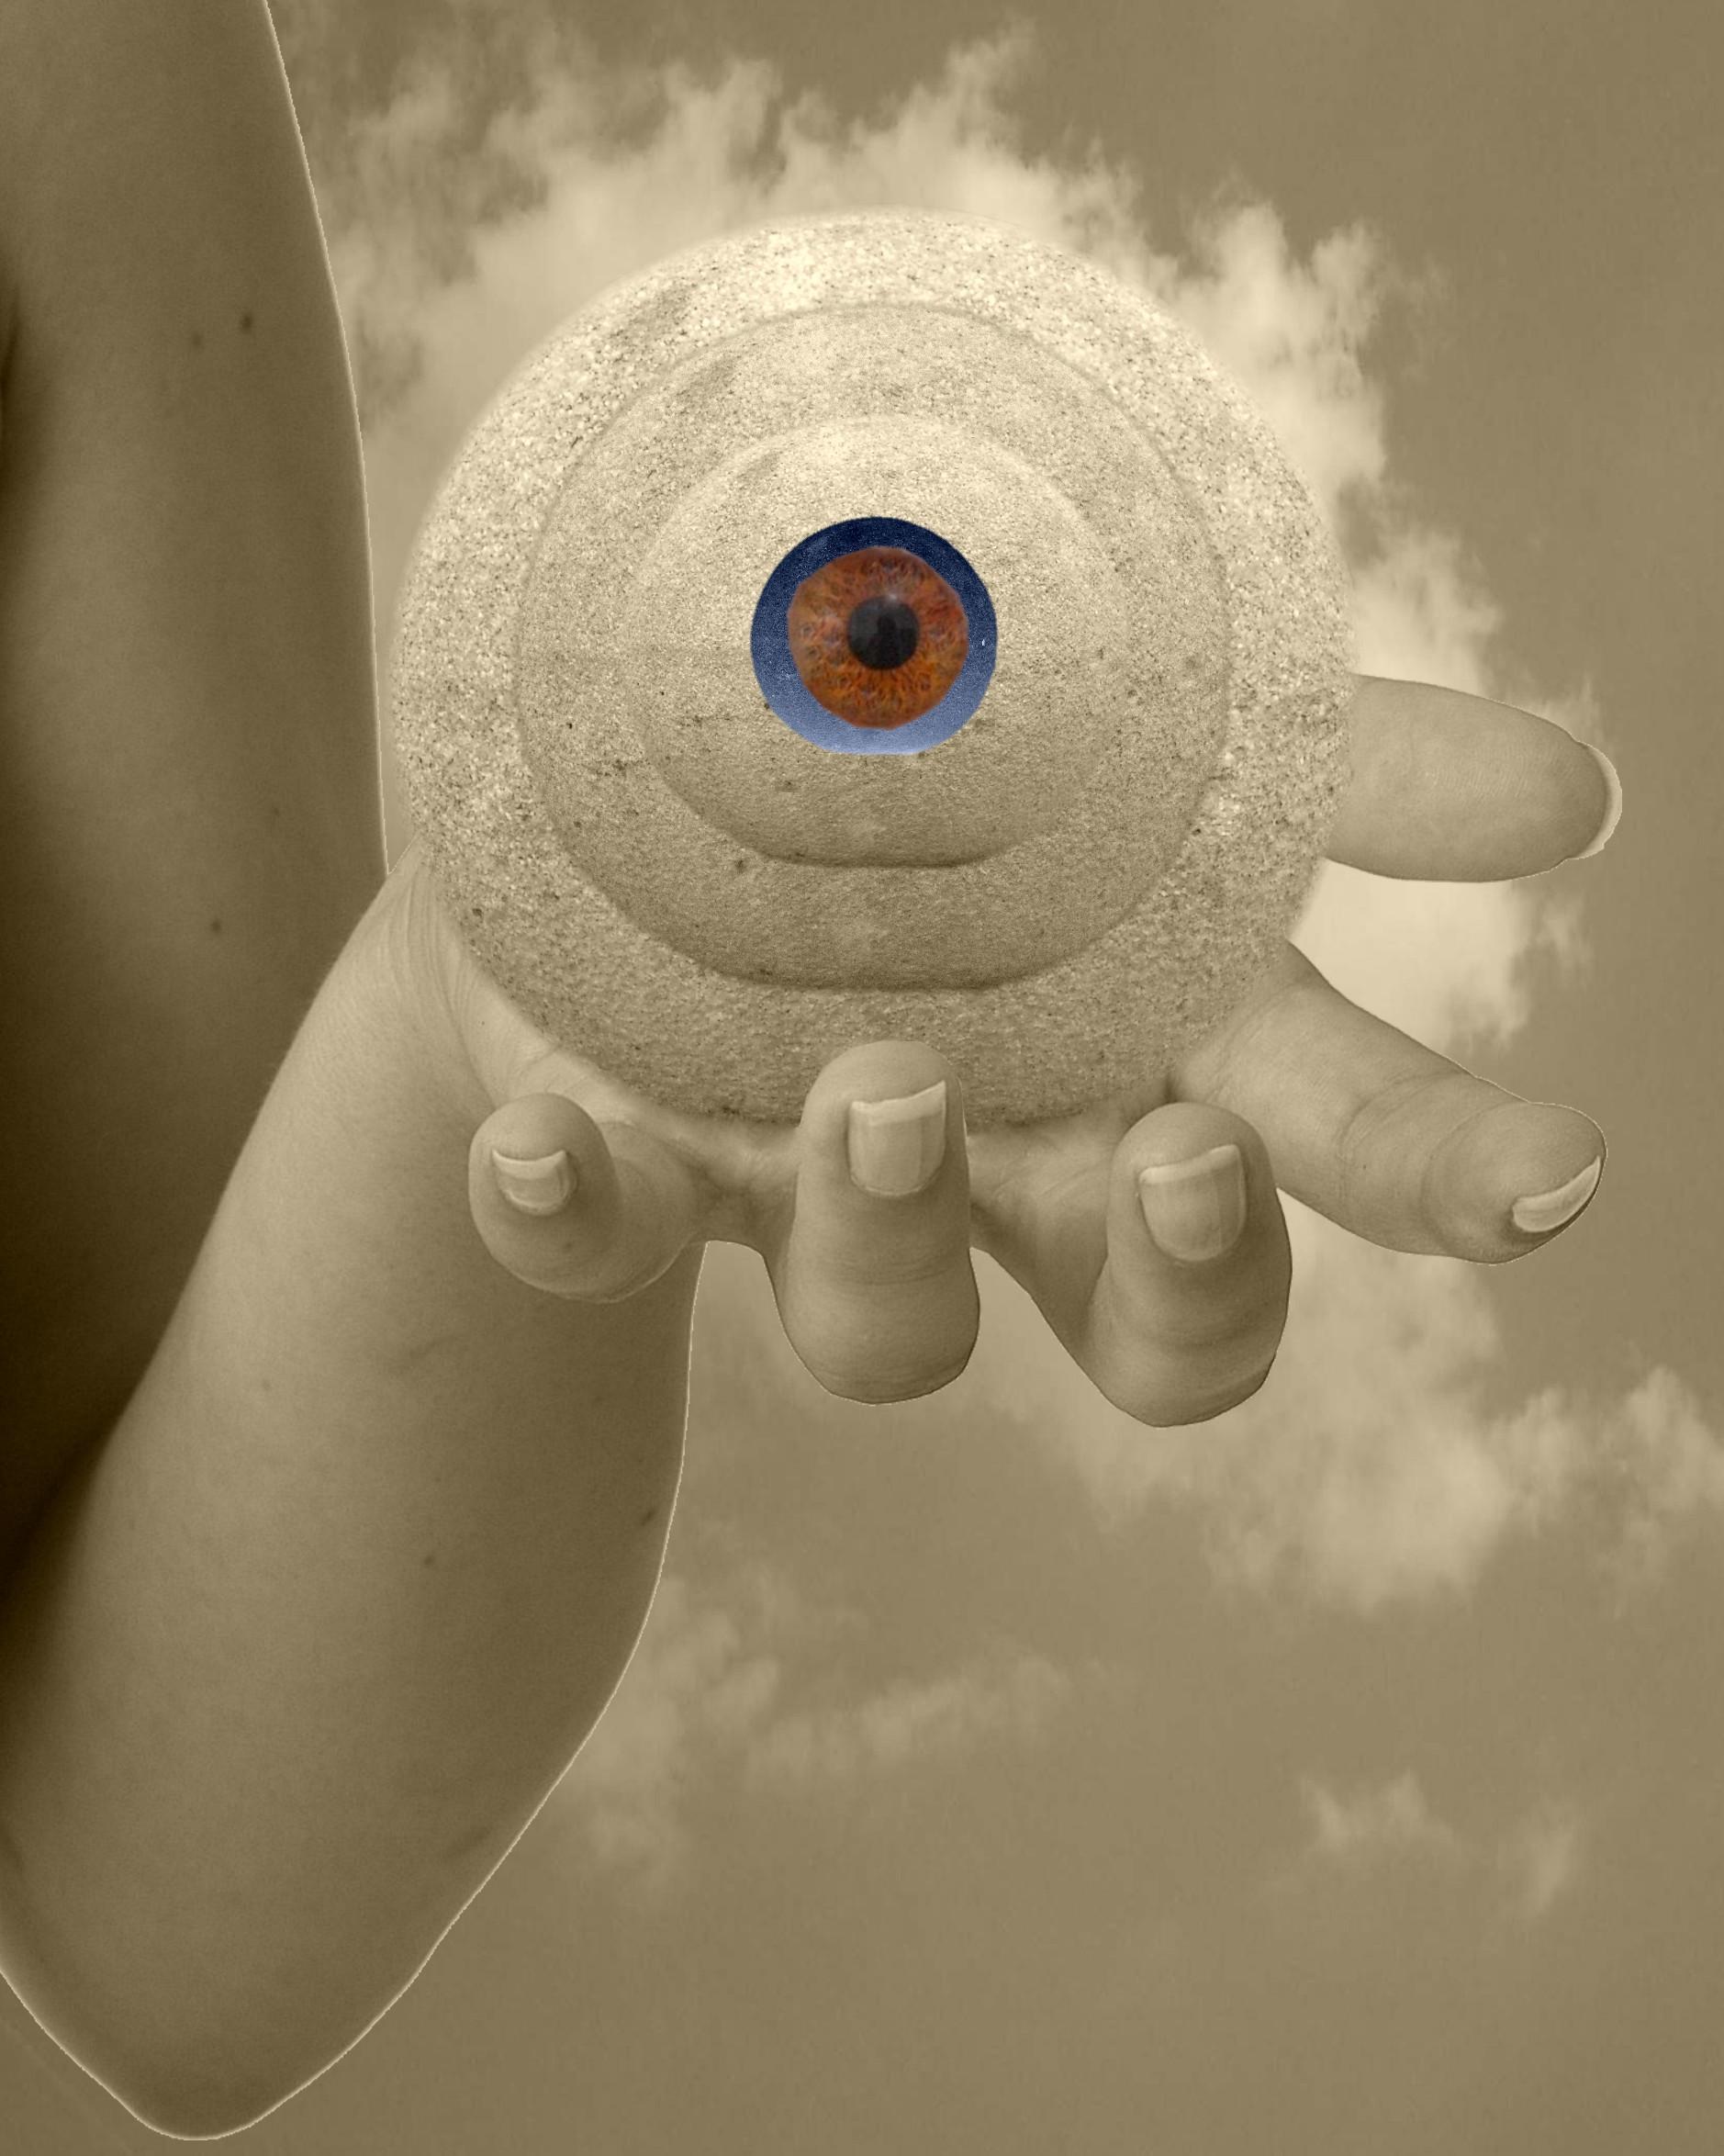 Eye, Iris, Rounded, Sepia, Holding, HQ Photo